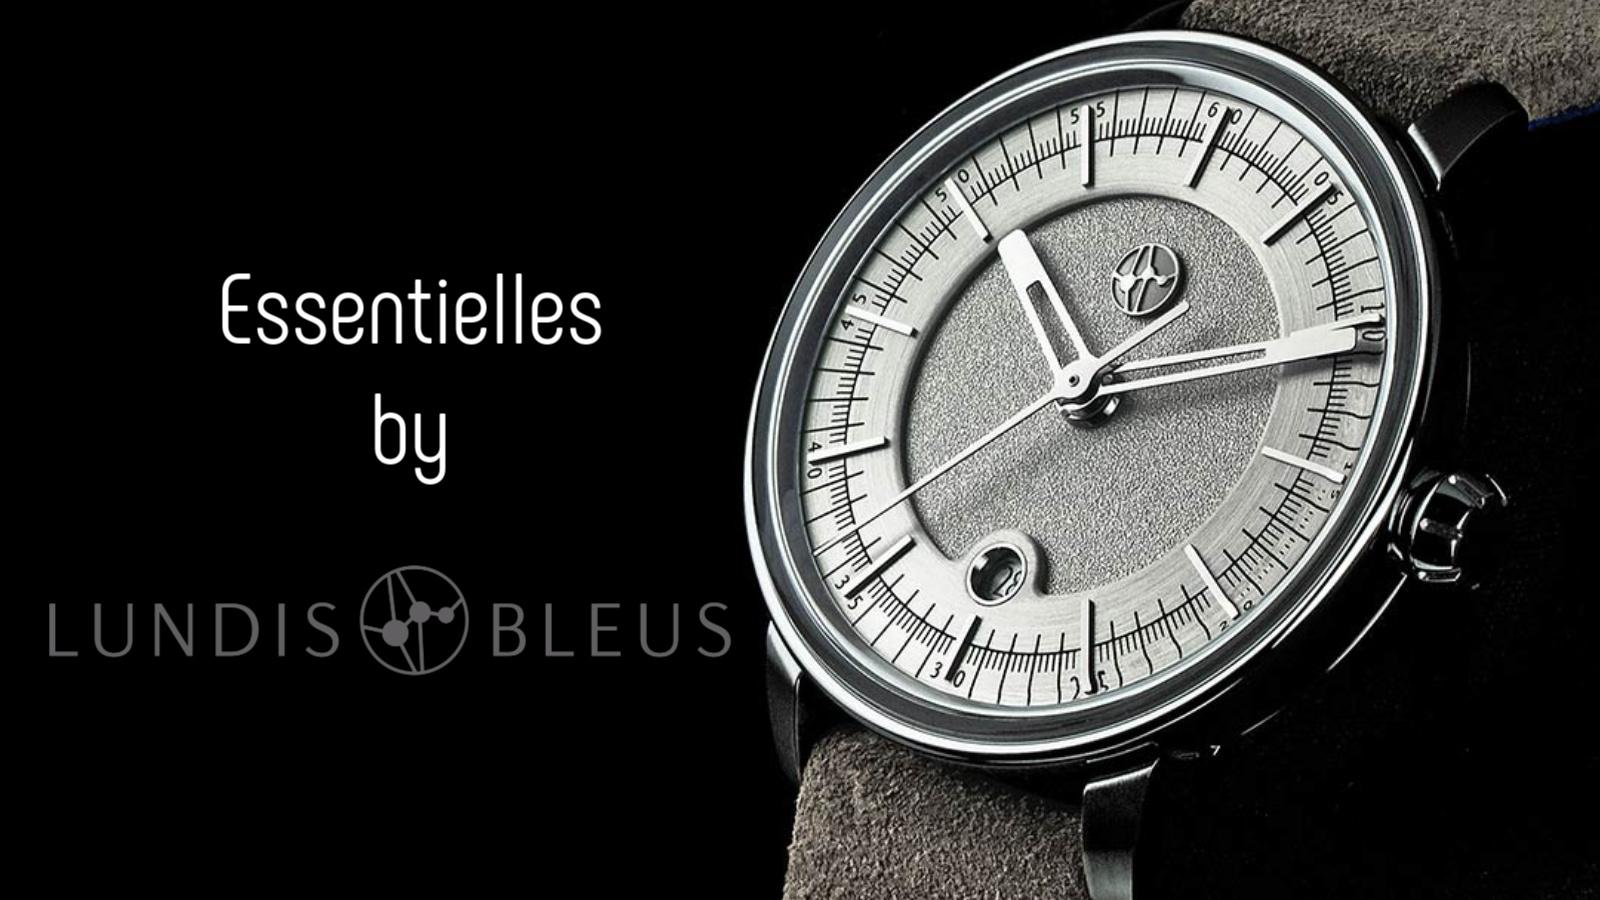 Lundis-bleus-essentielles-banner.jpg